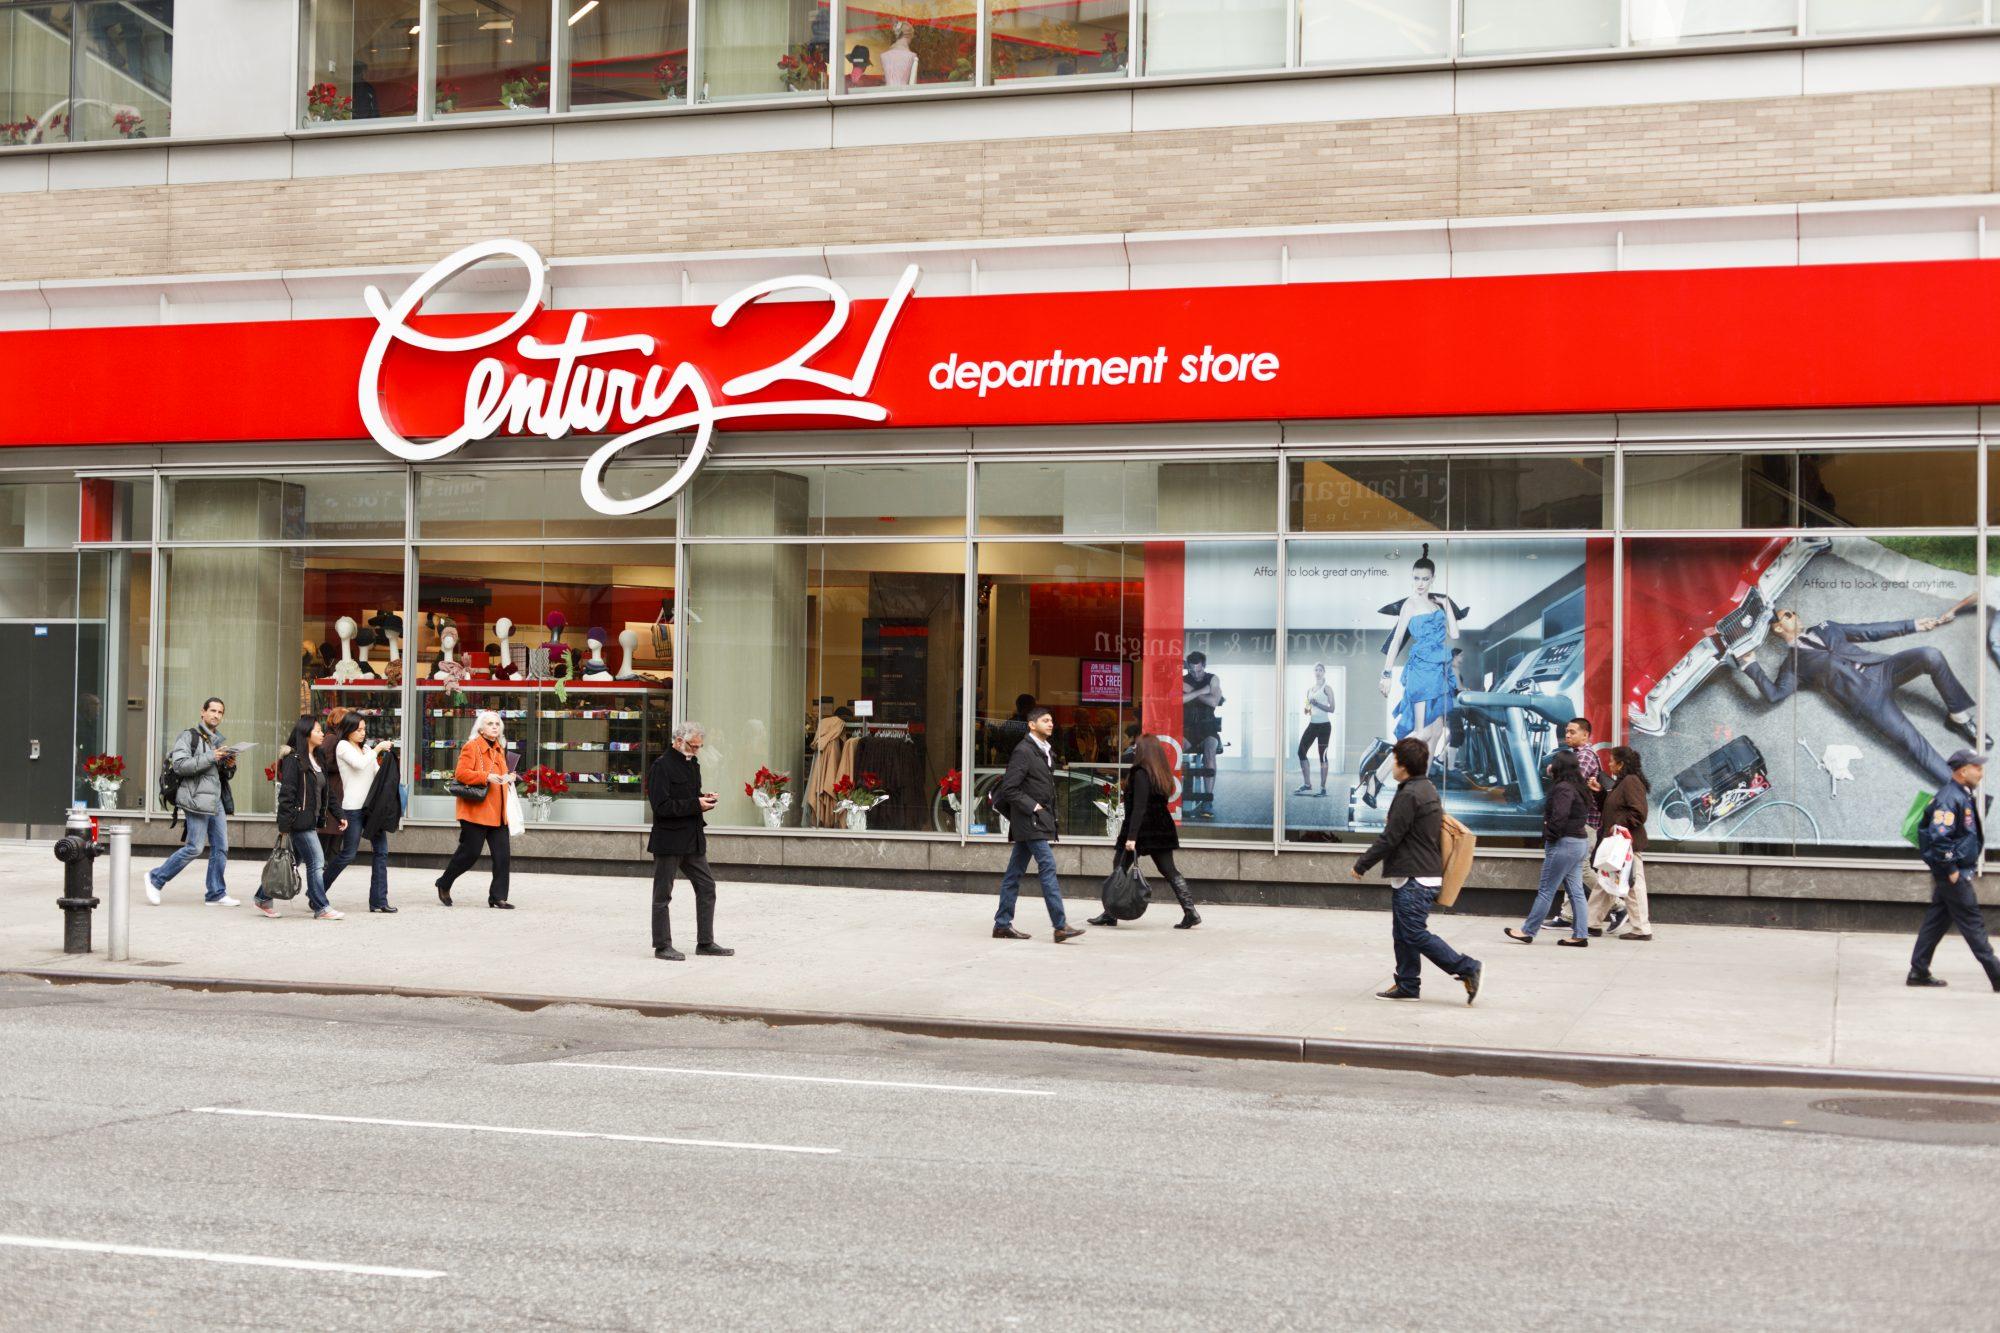 ¡Oh no! La cadena de tiendas Century 21 cerrará todos sus establecimientos